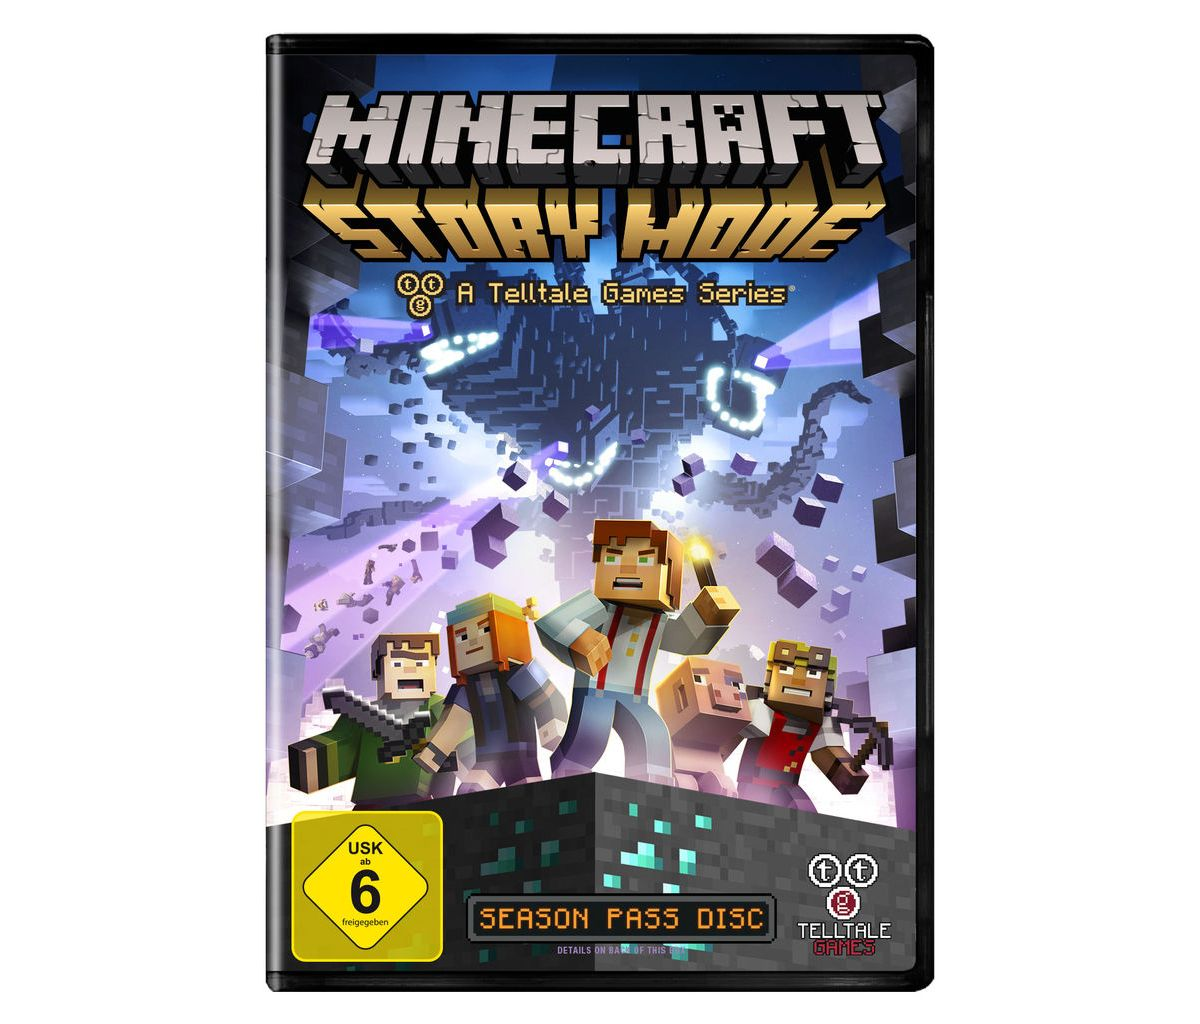 Telltale Games PC - Spiel »Minecraft: Story Mode«